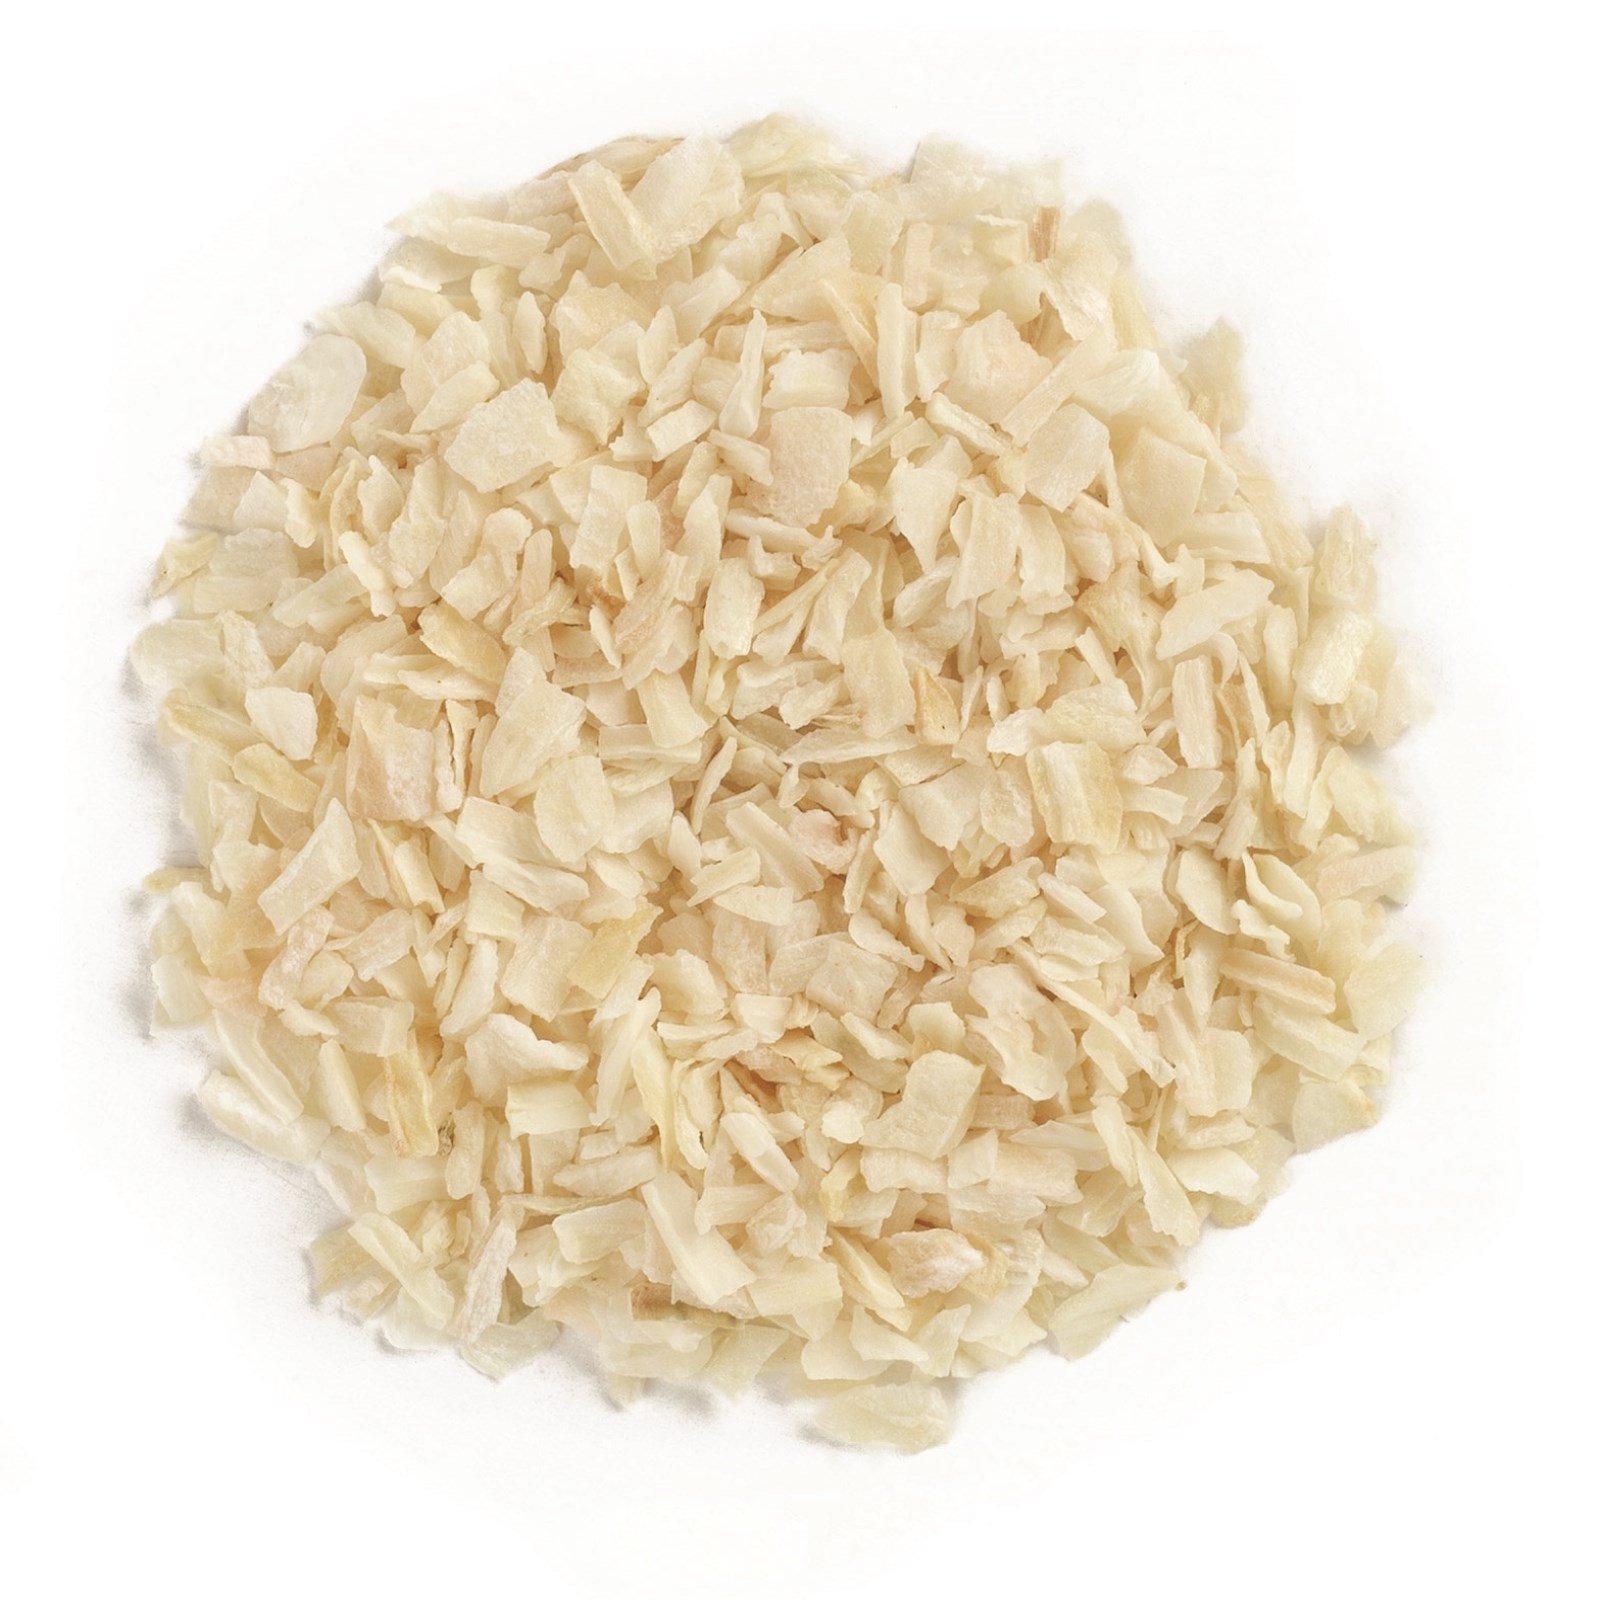 Frontier Natural Products, Органический рубленый белый лук, 16 унций (453 г)